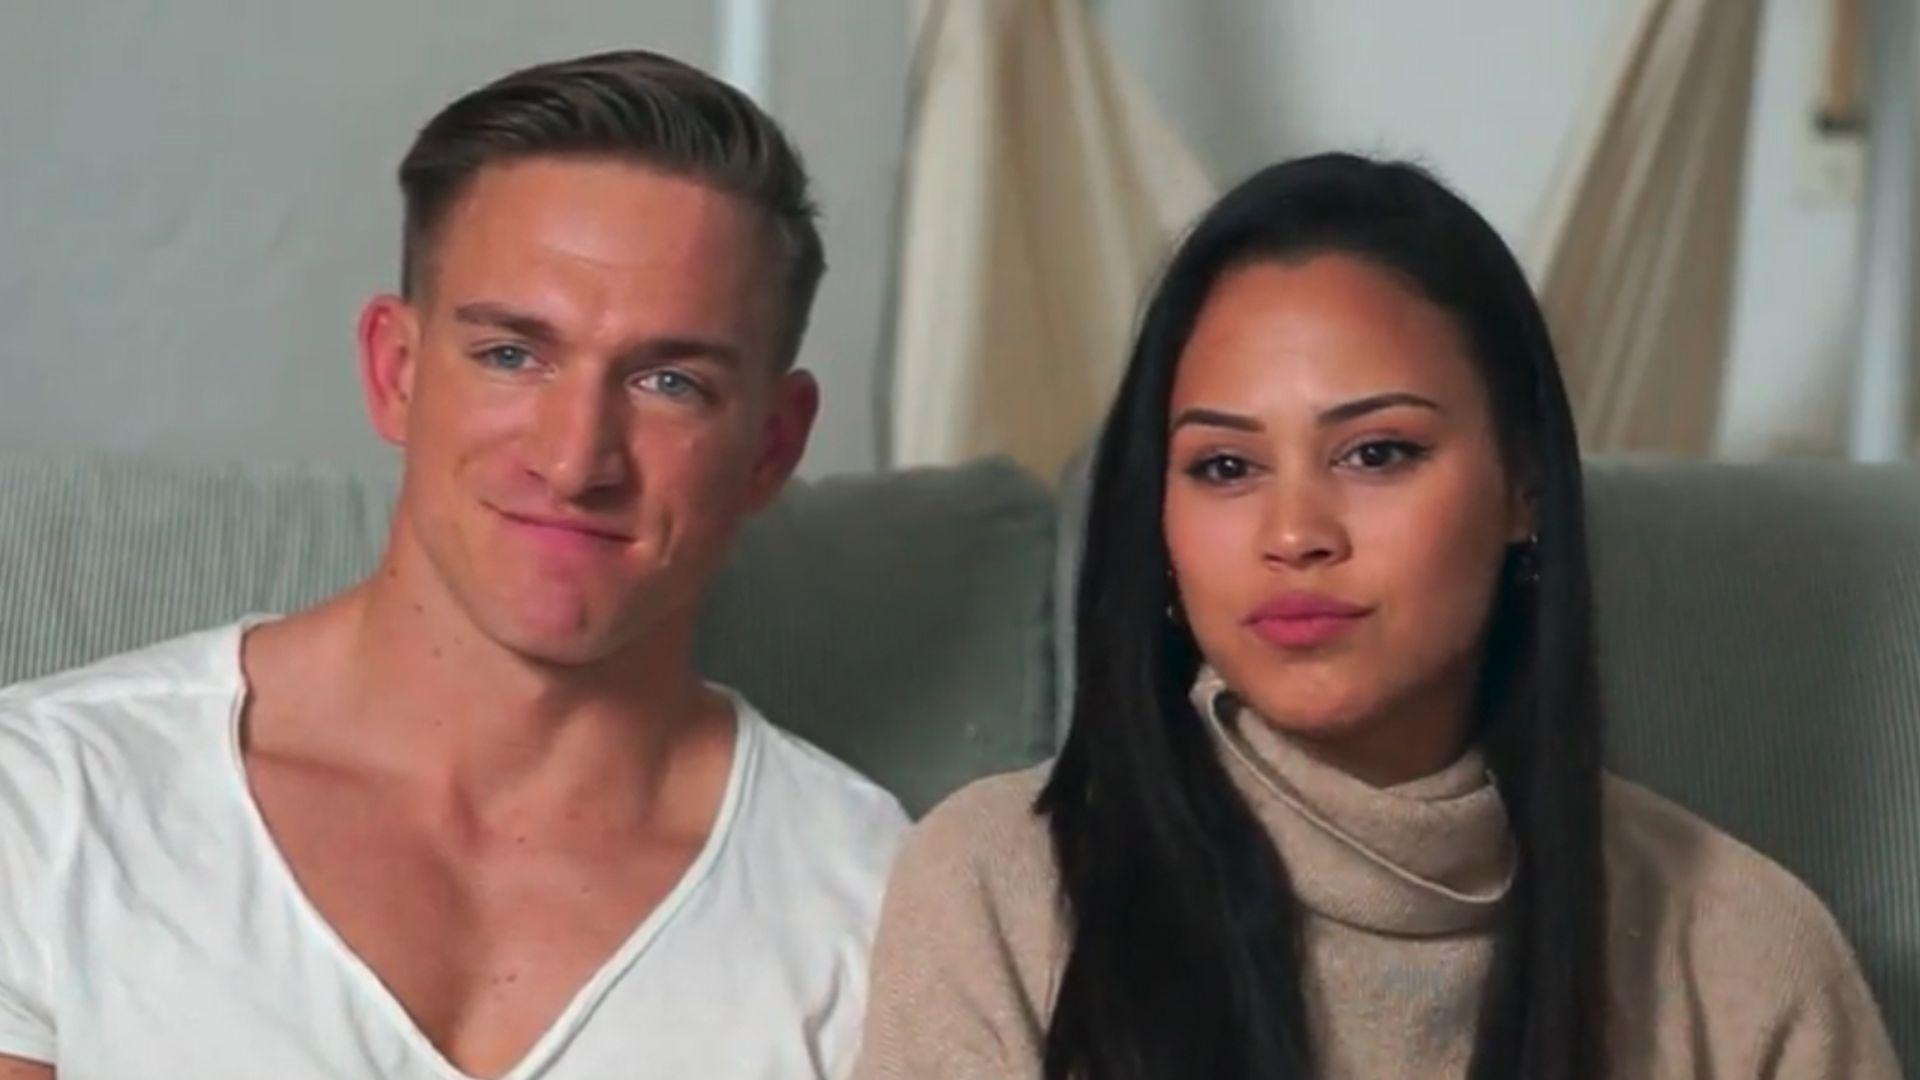 Werden Patrick Fabian und seine Freundin Lea bald heiraten